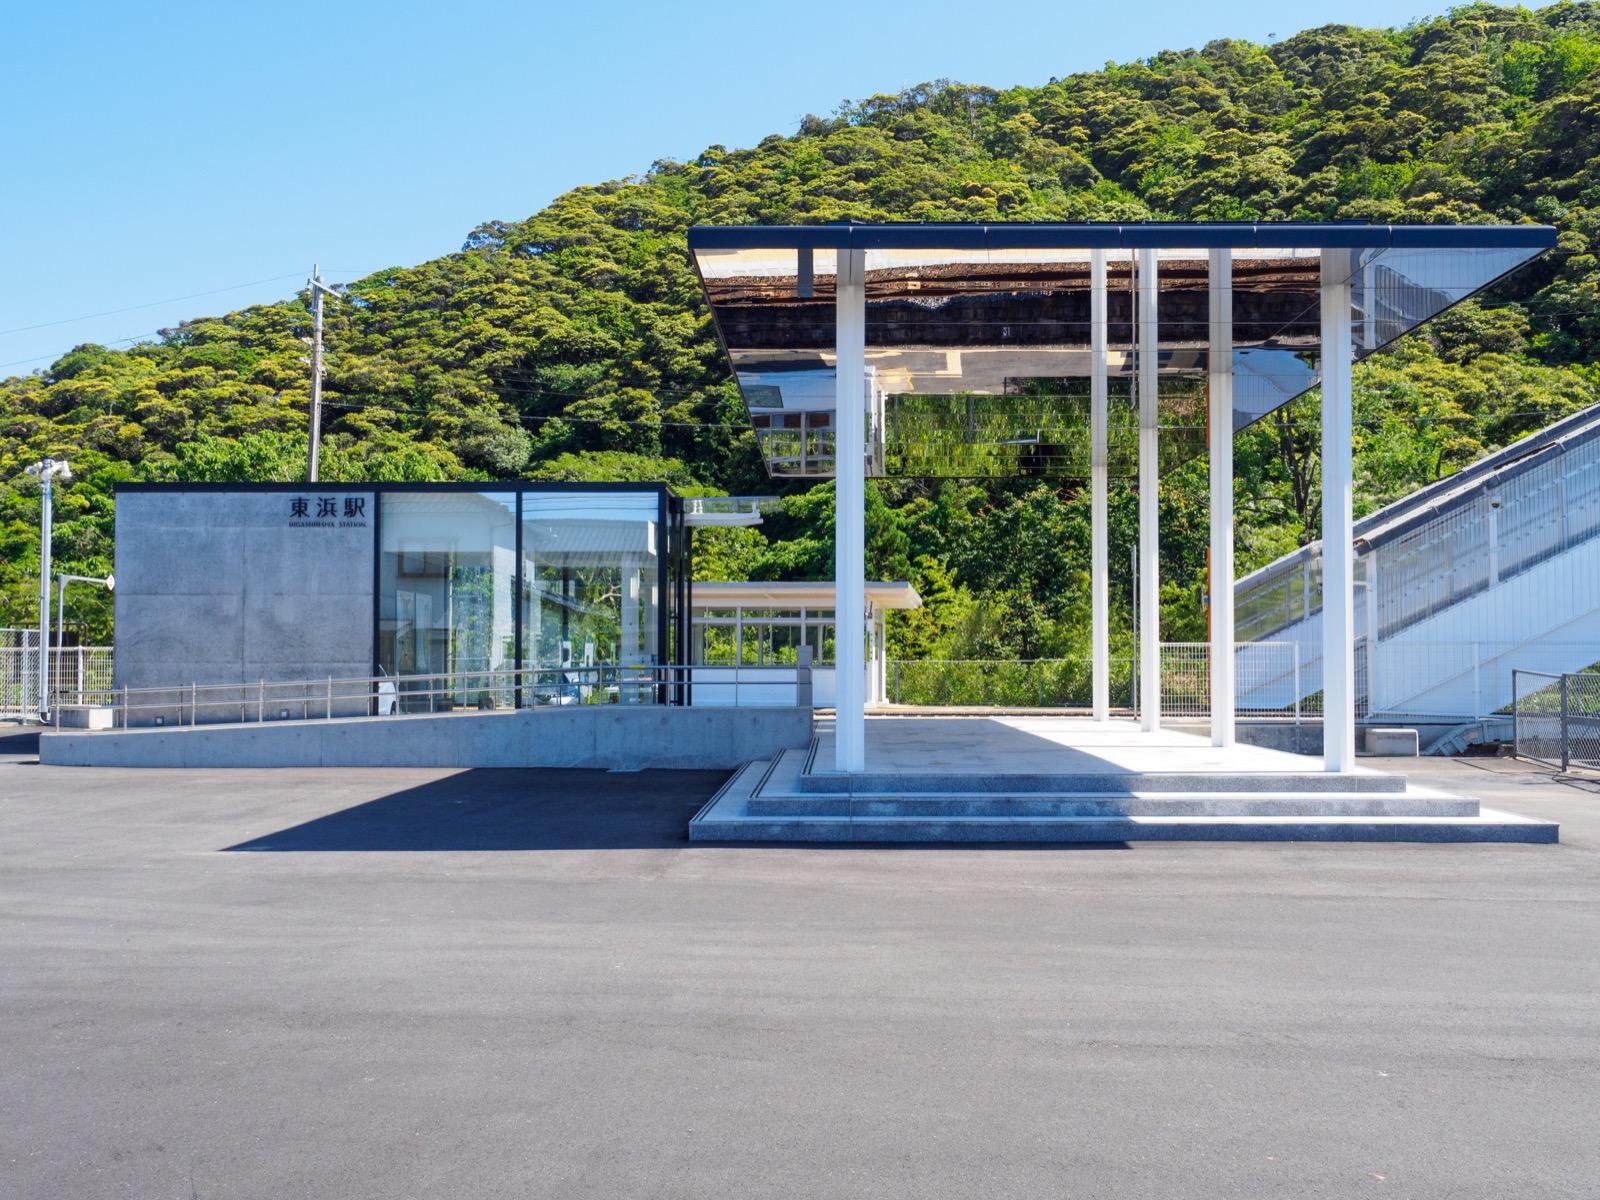 東浜駅 | 海の見える駅